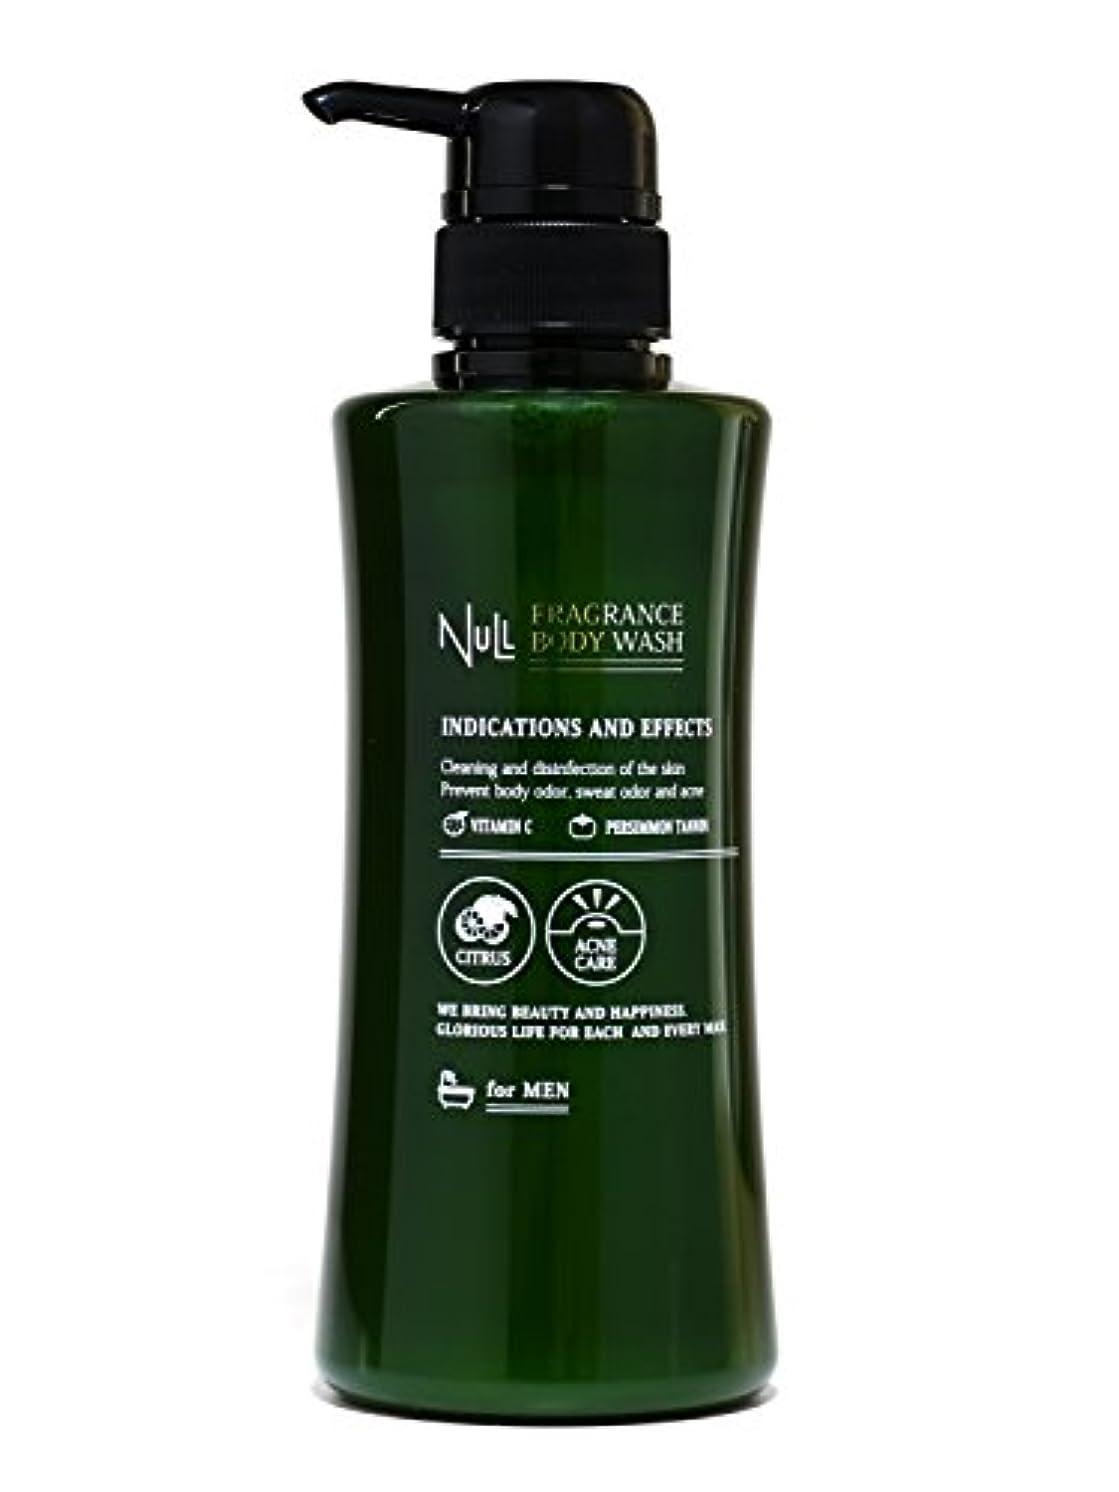 バトル入浴魅惑するNULL ボディソープ メンズ ( 体臭 背中ニキビ お尻ニキビ を 防ぎ/加齢臭 を抑える)( マリンシトラス の香り )薬用 フレグランス ボディウォッシュ 400mL ボディーソープ ボディシャンプー